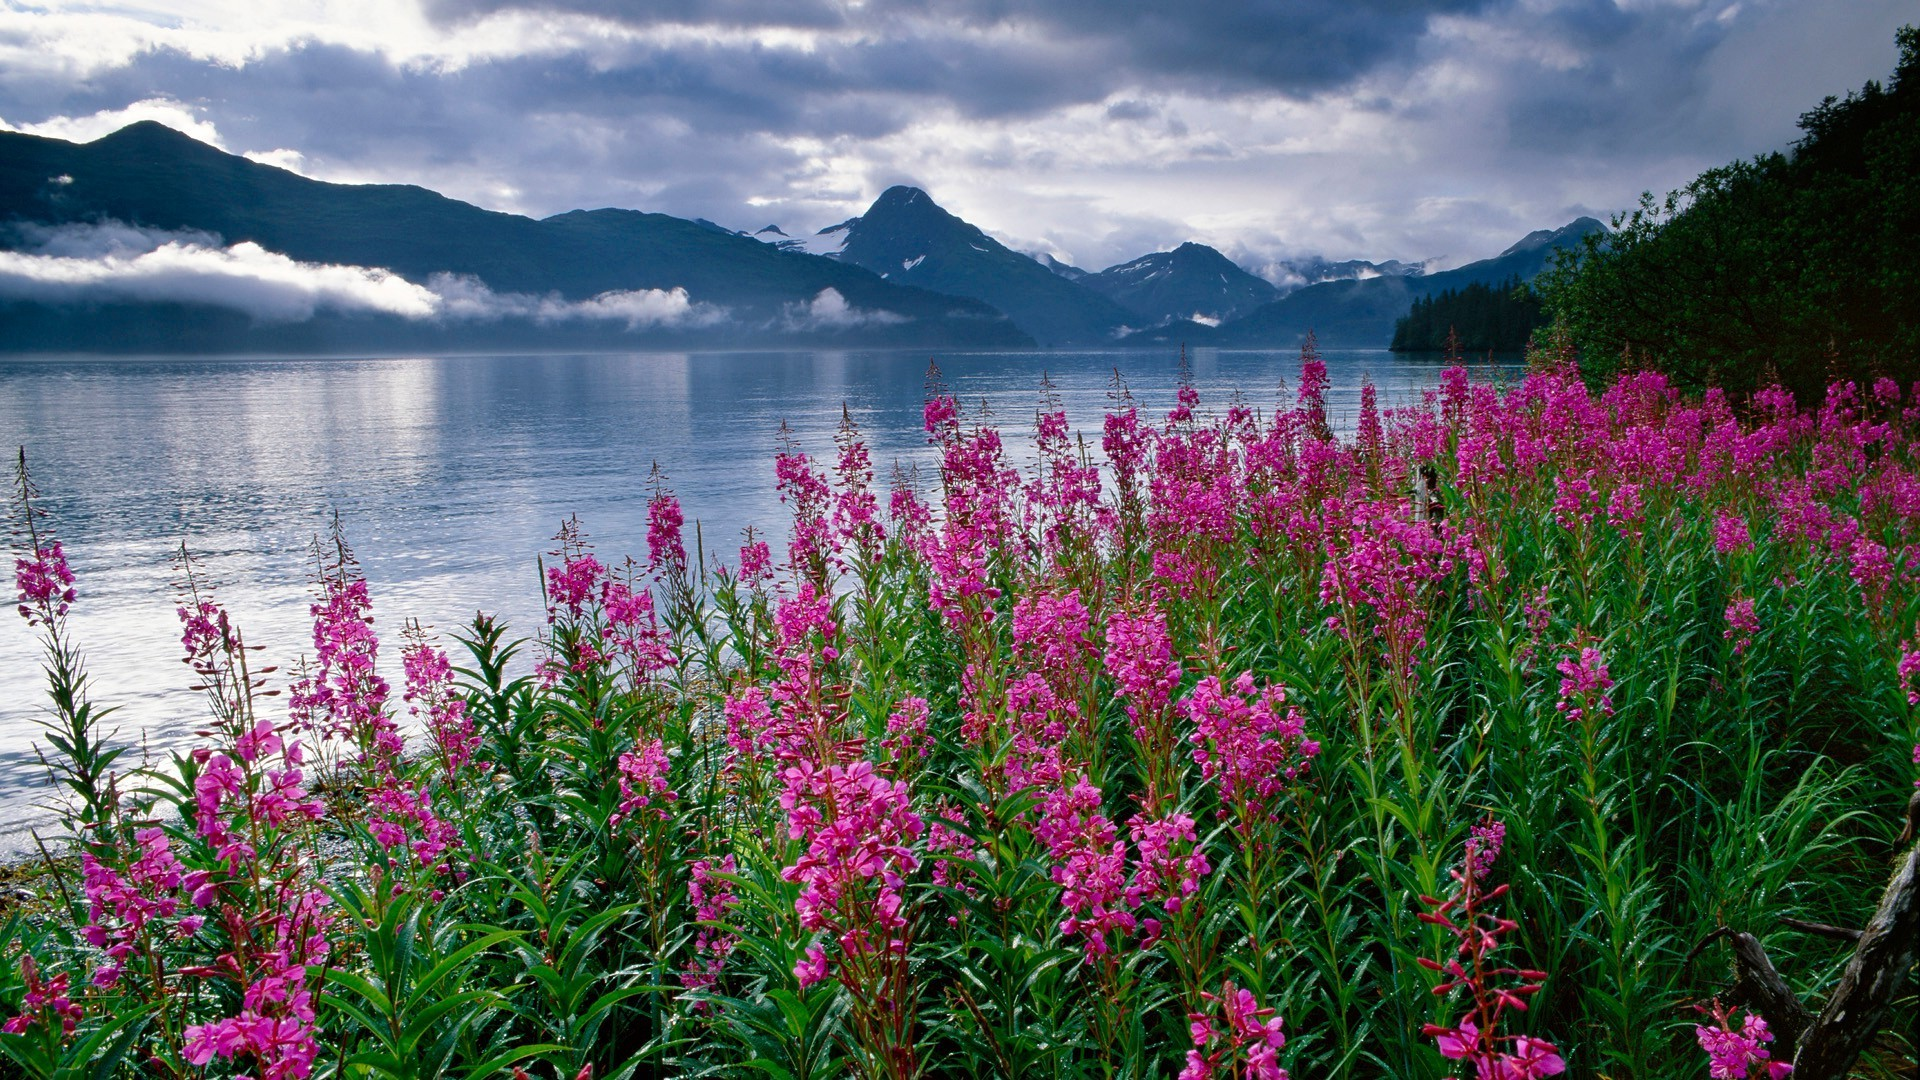 обои на рабочий стол лето вода природа цветы ужасное, горят несколько